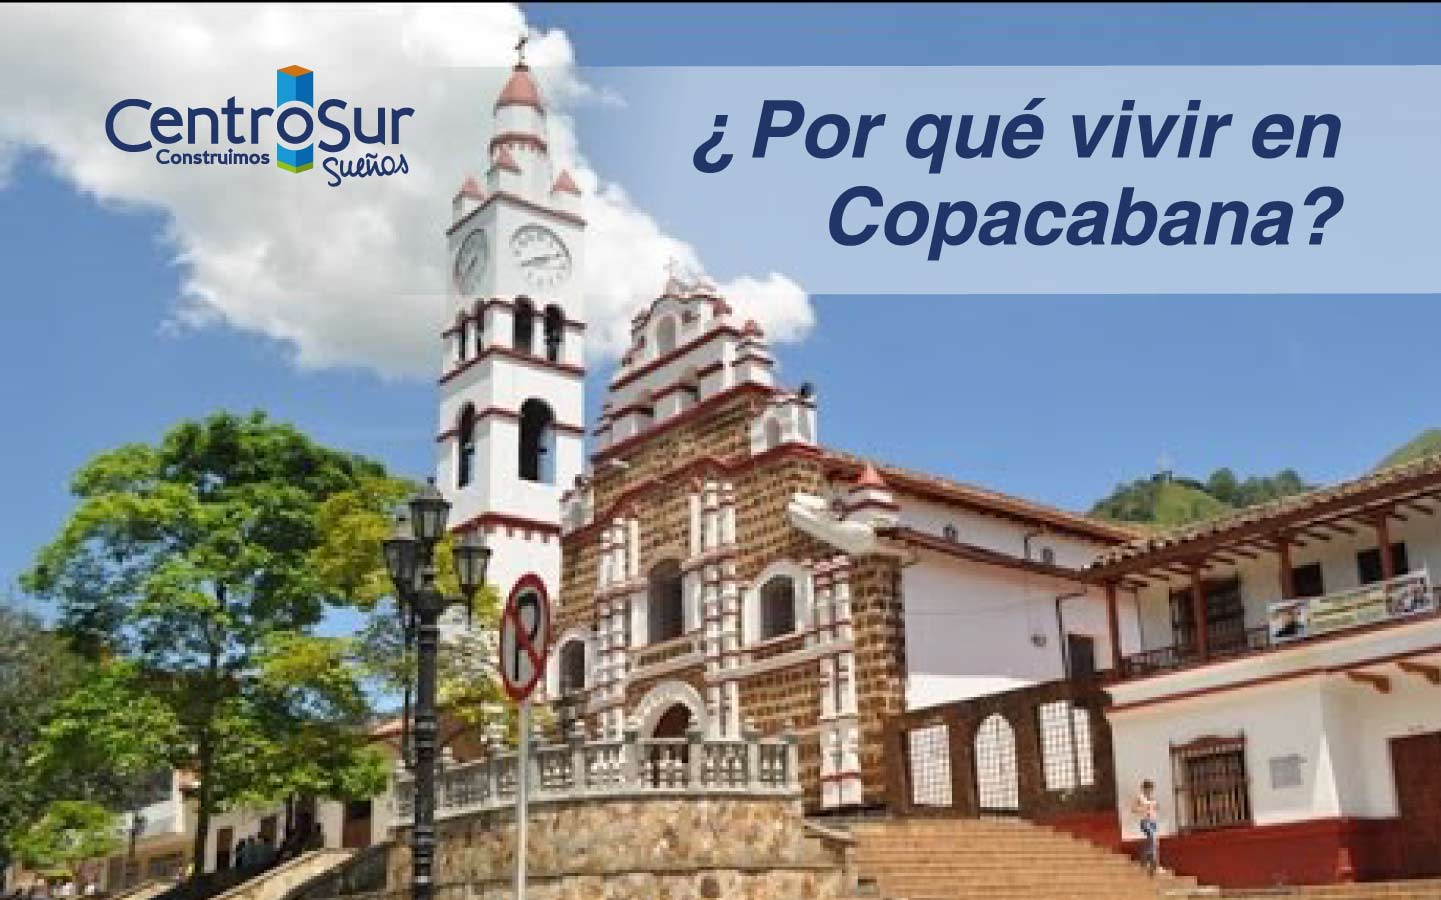 ¿Por qué vivir en Copacabana?